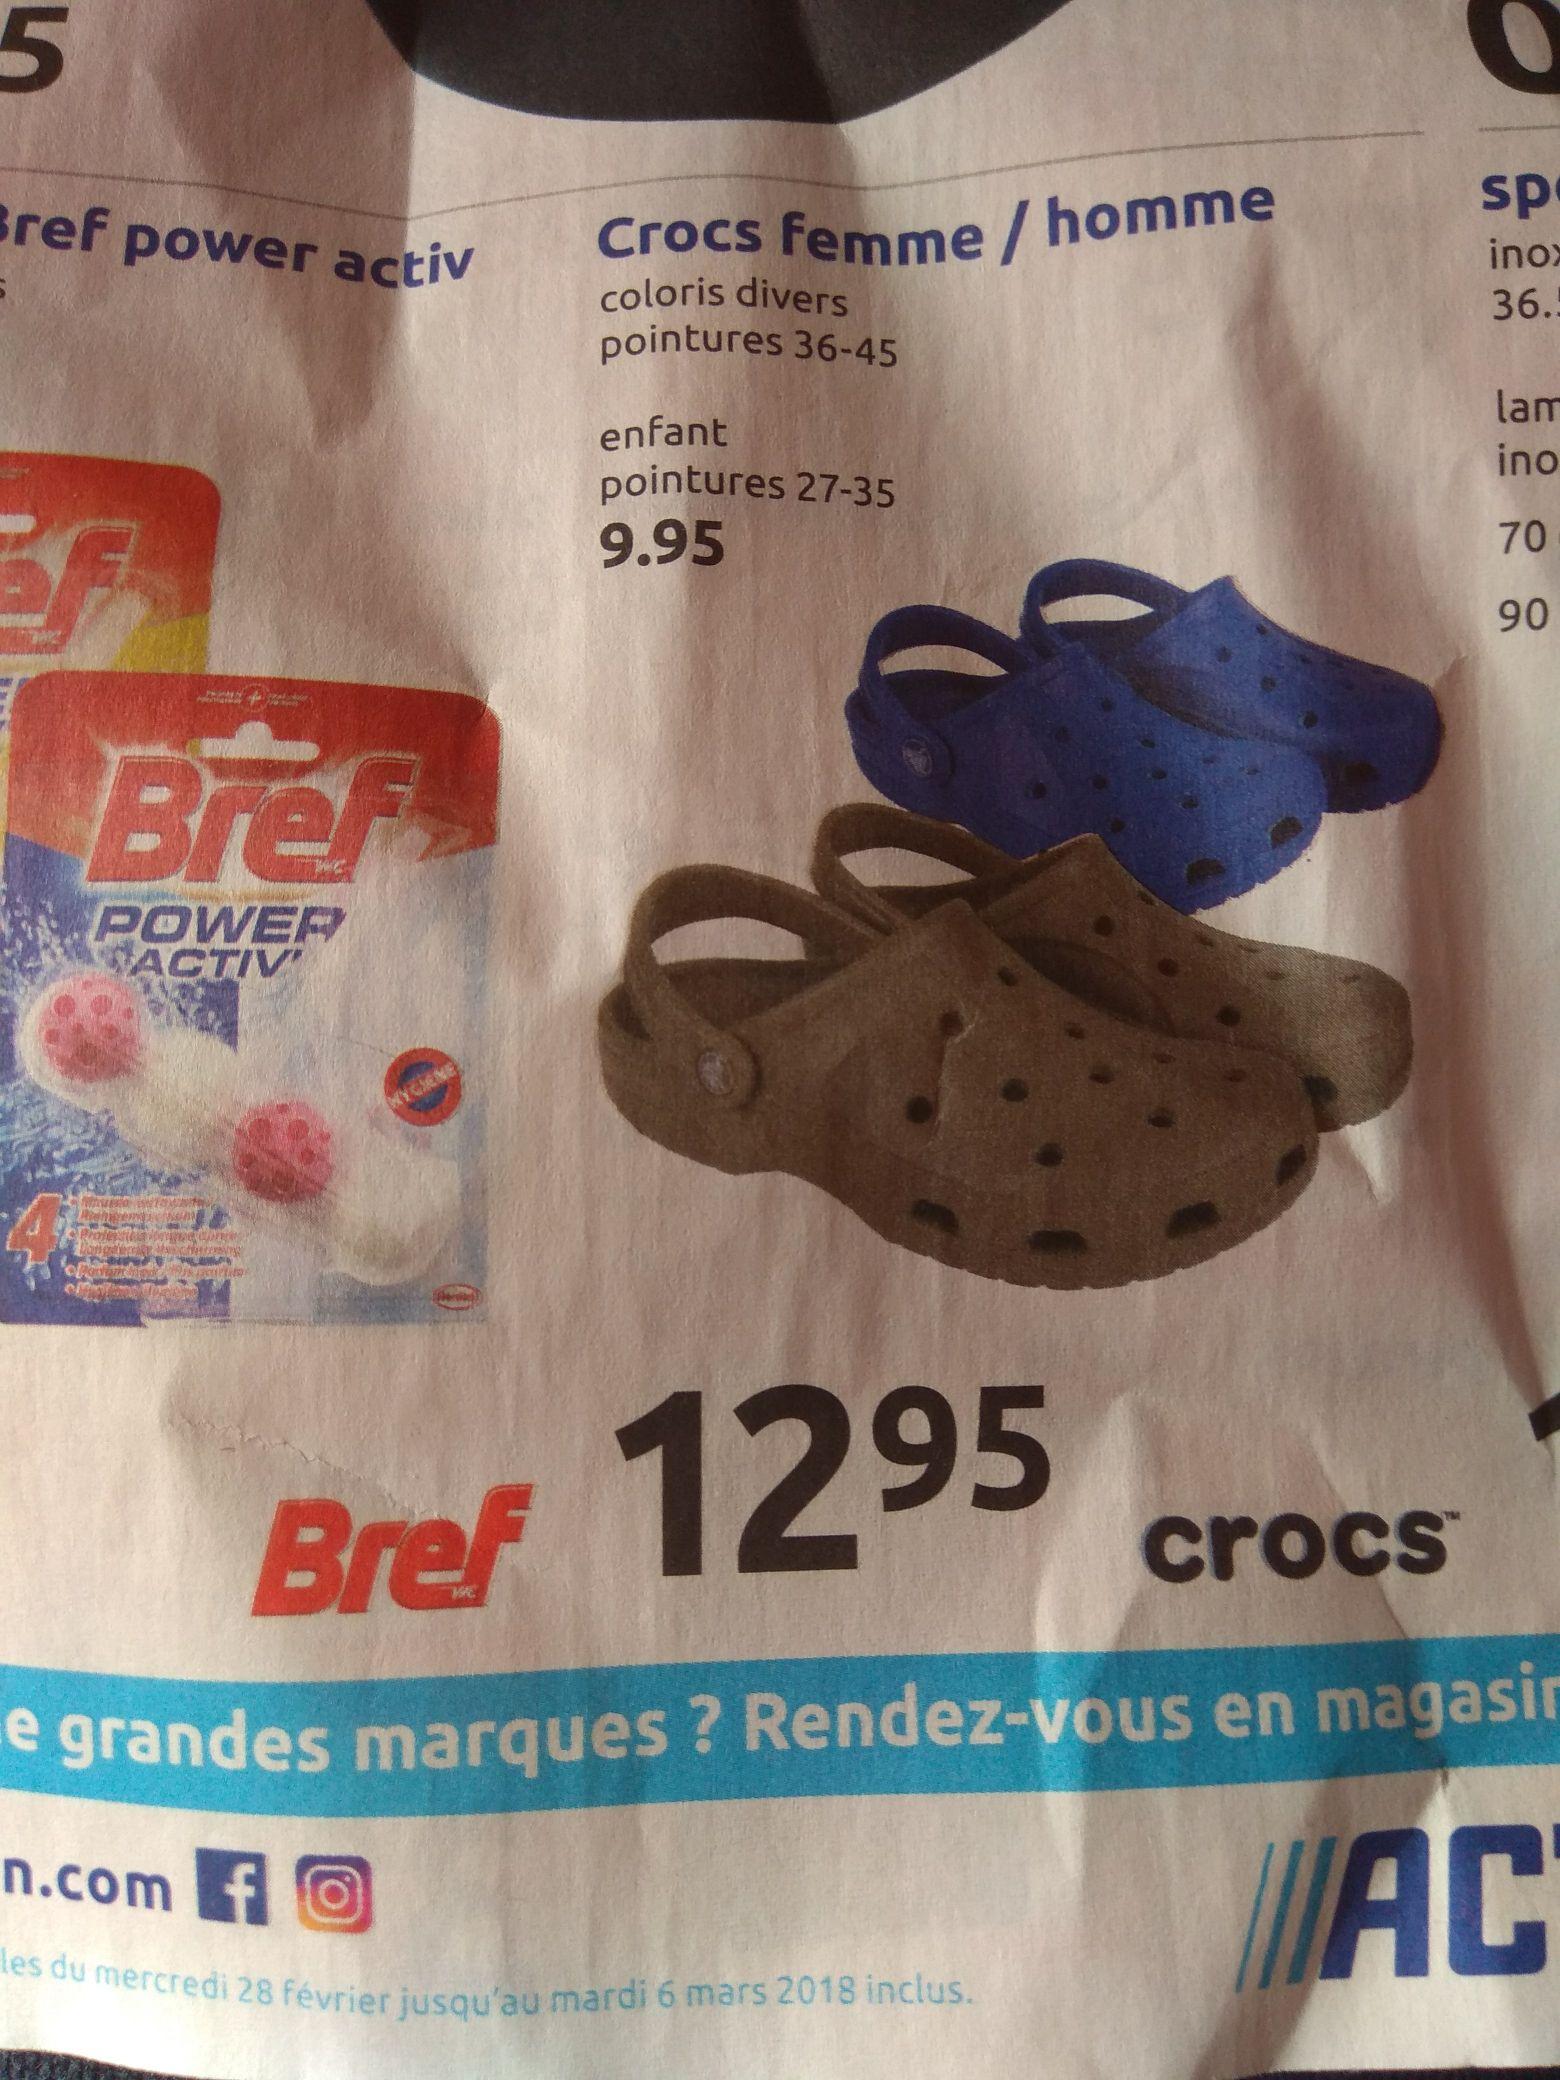 Sandales Crocs enfants et adultes